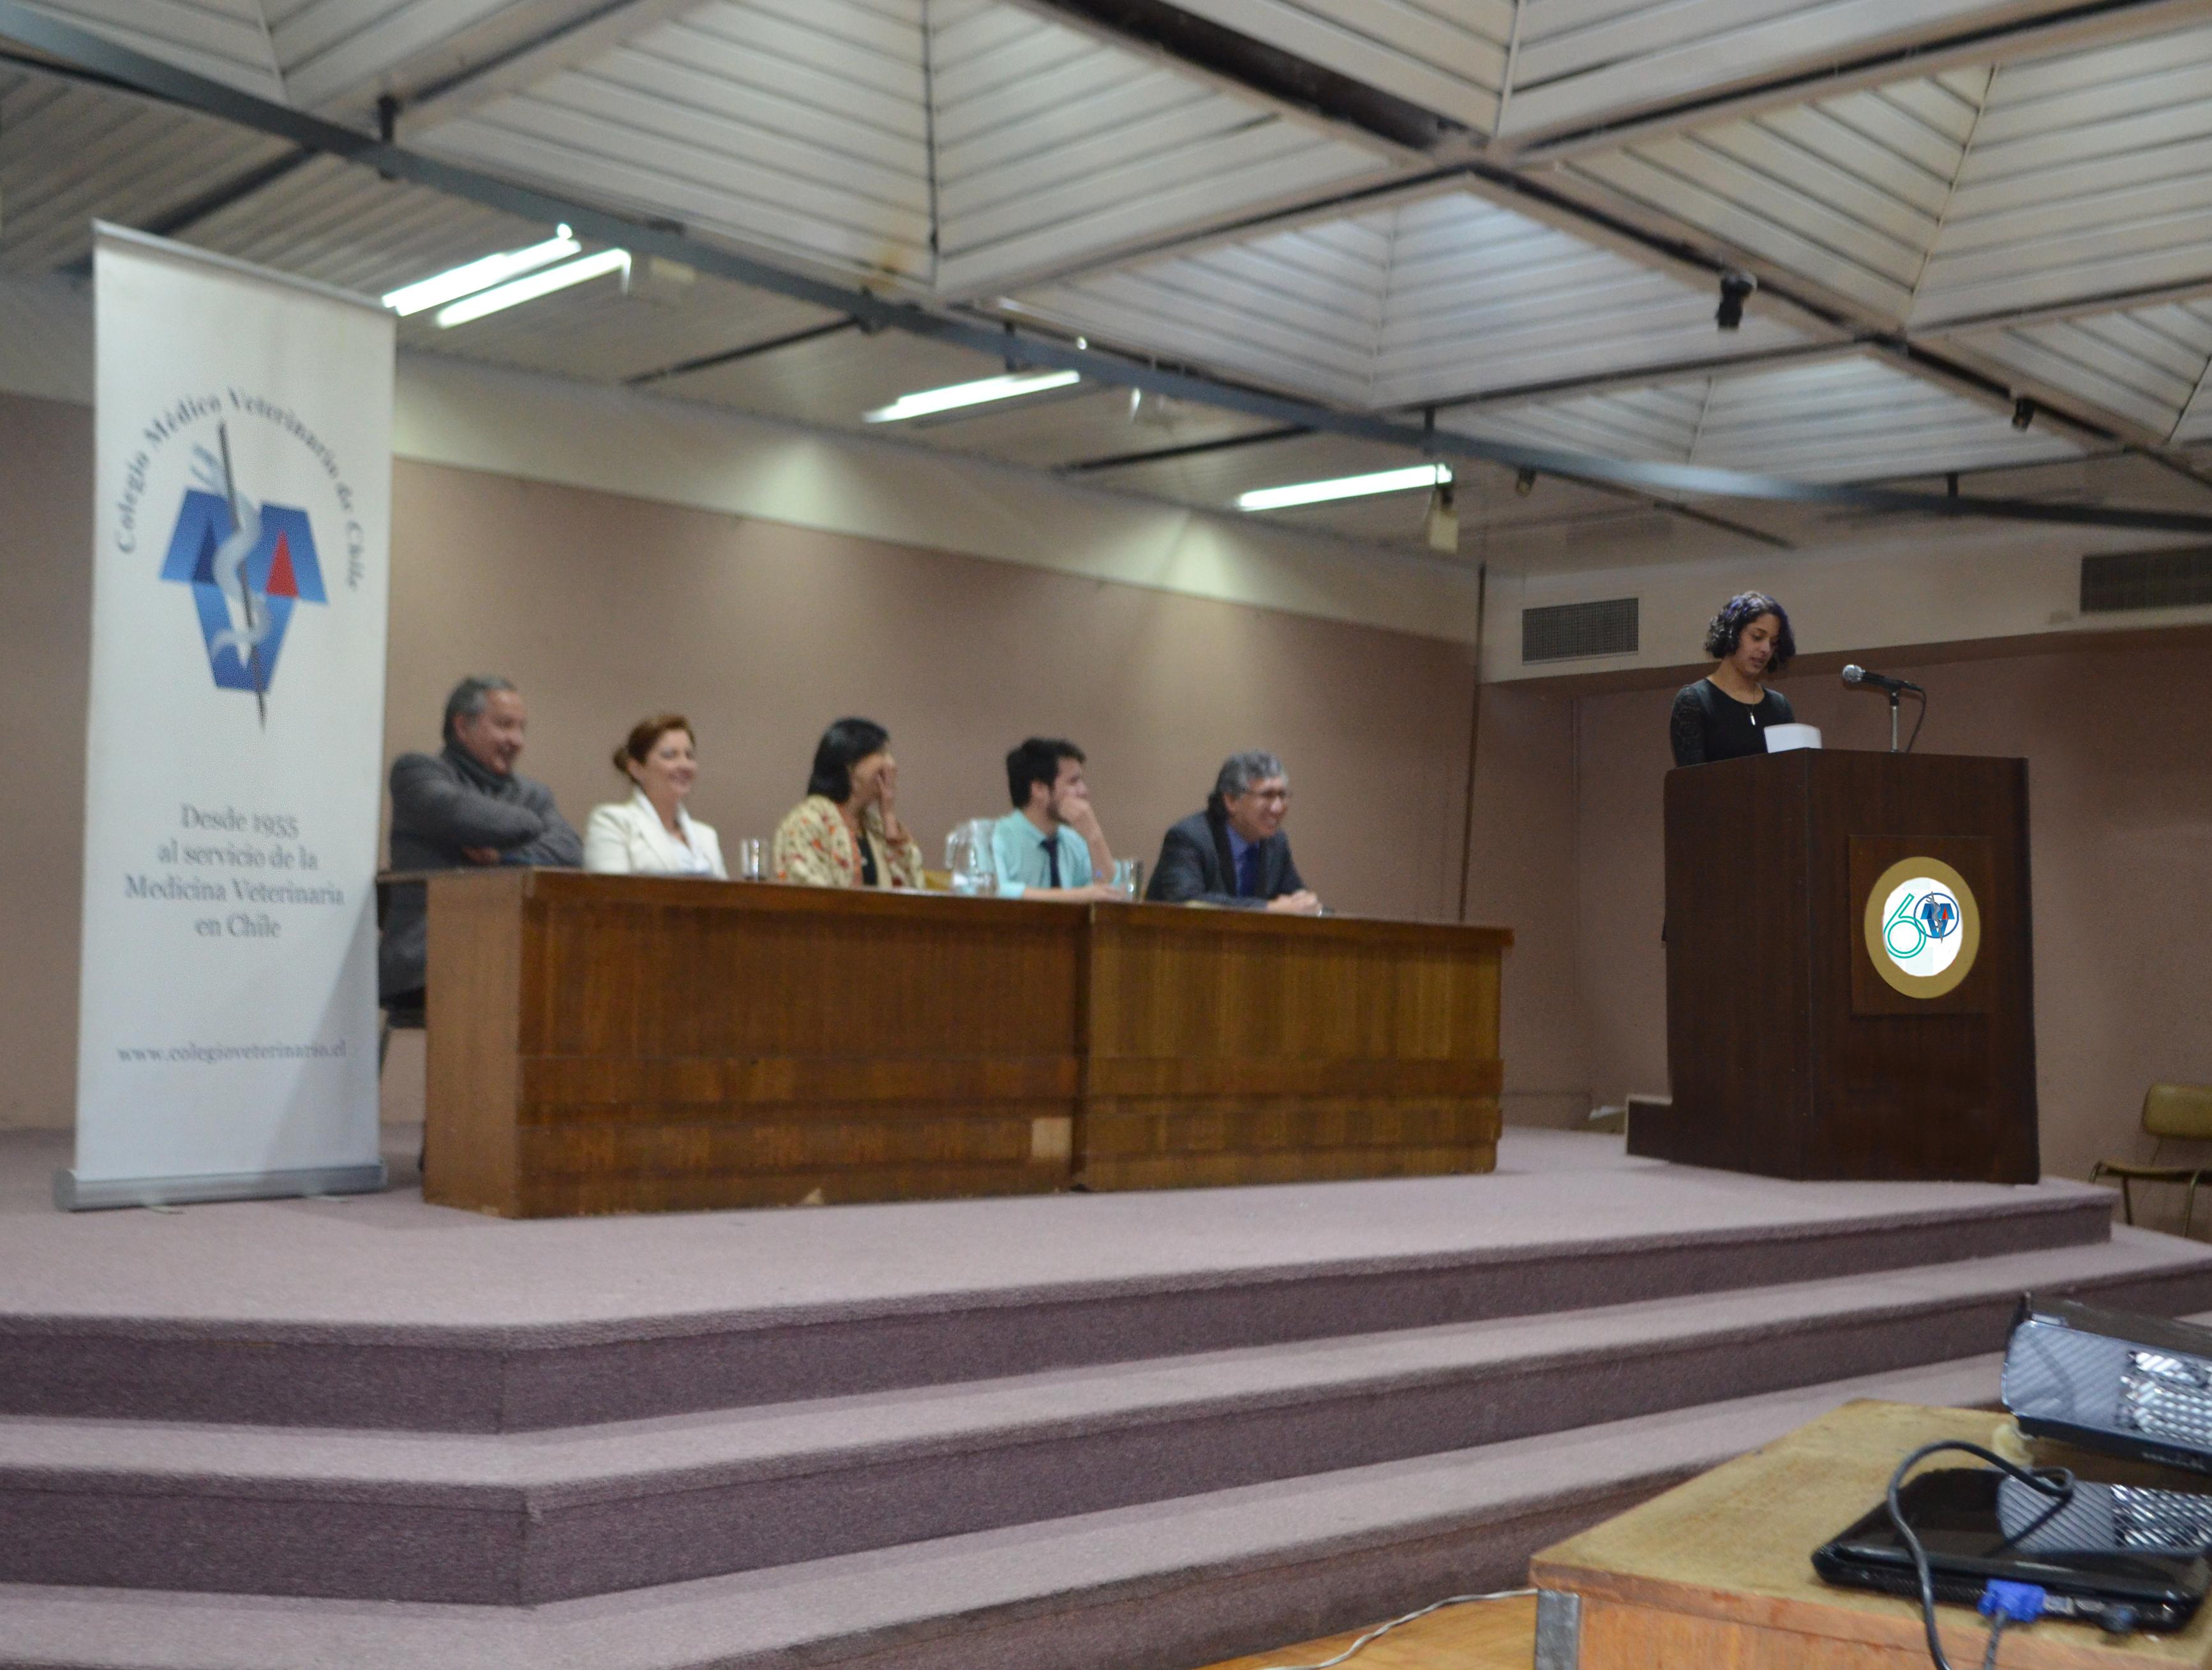 PREMIACION Y DISCURSO DE JAVIERA JARA, MEJOR TITULADO 2015  EN EL 60° ANIVERSARIO DE COLMEVET